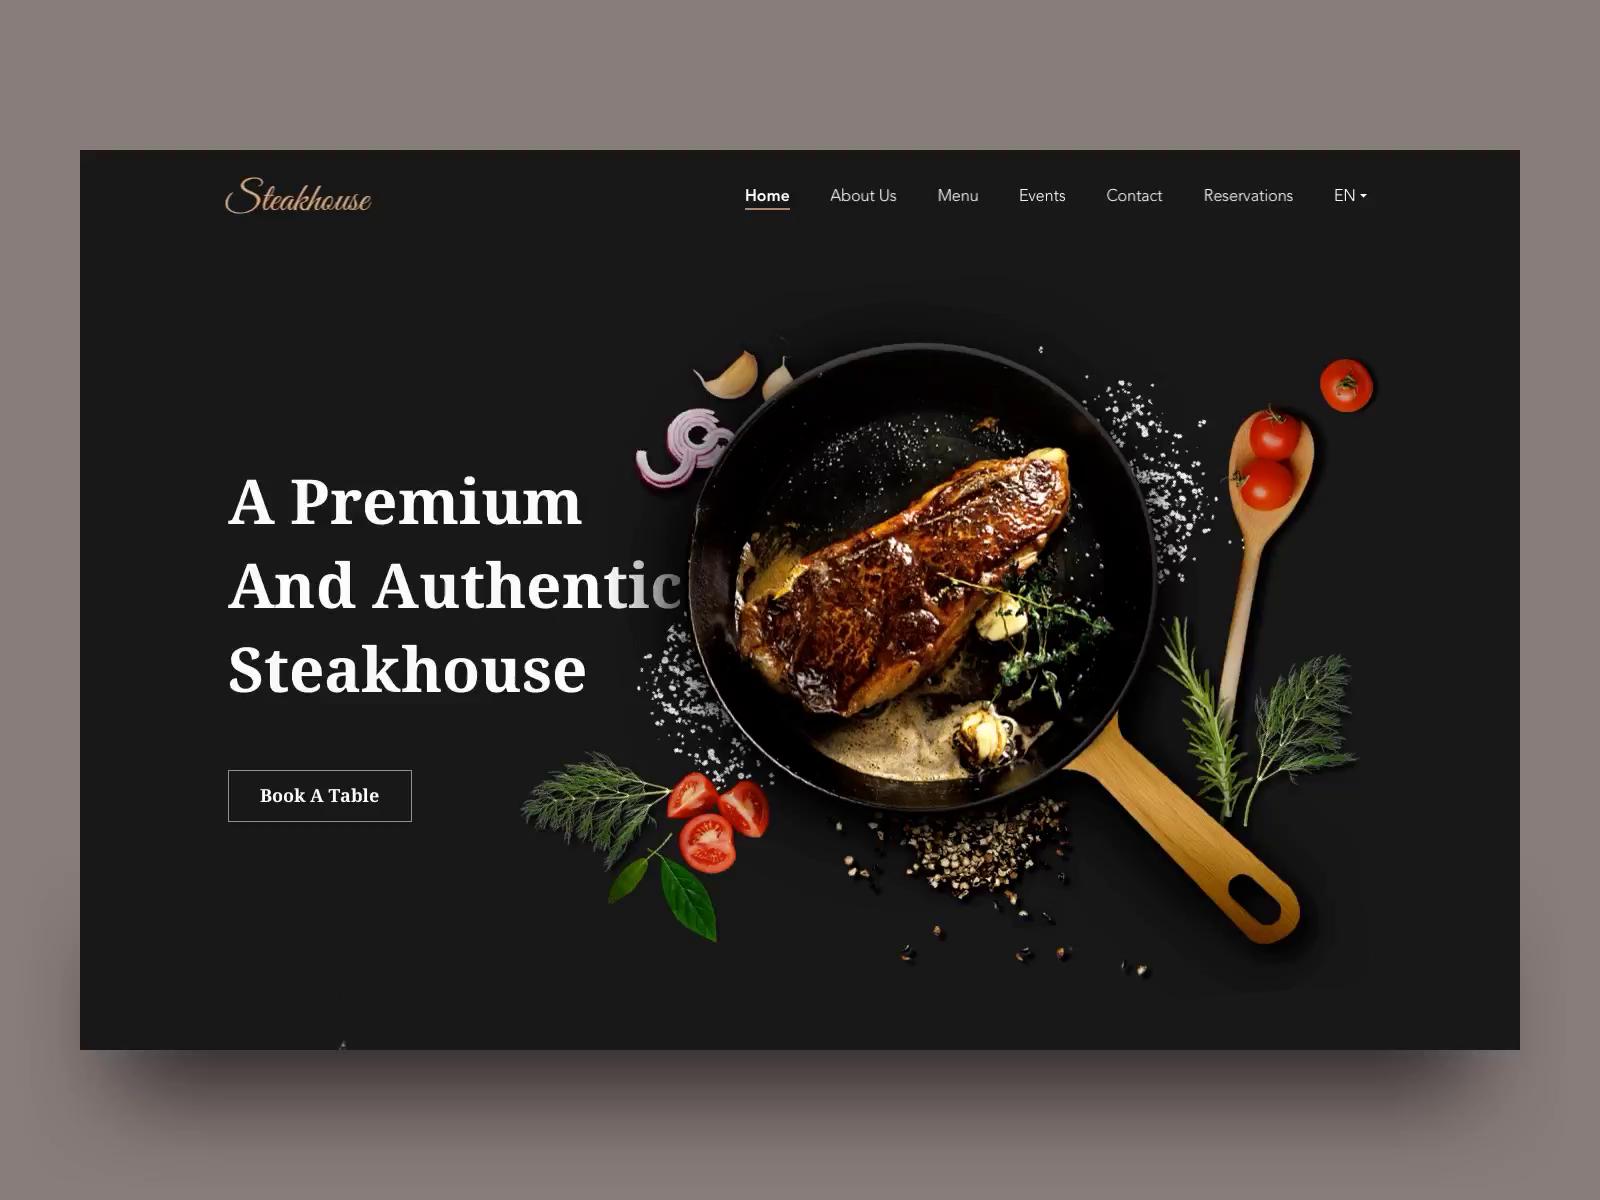 Steakhouseshot